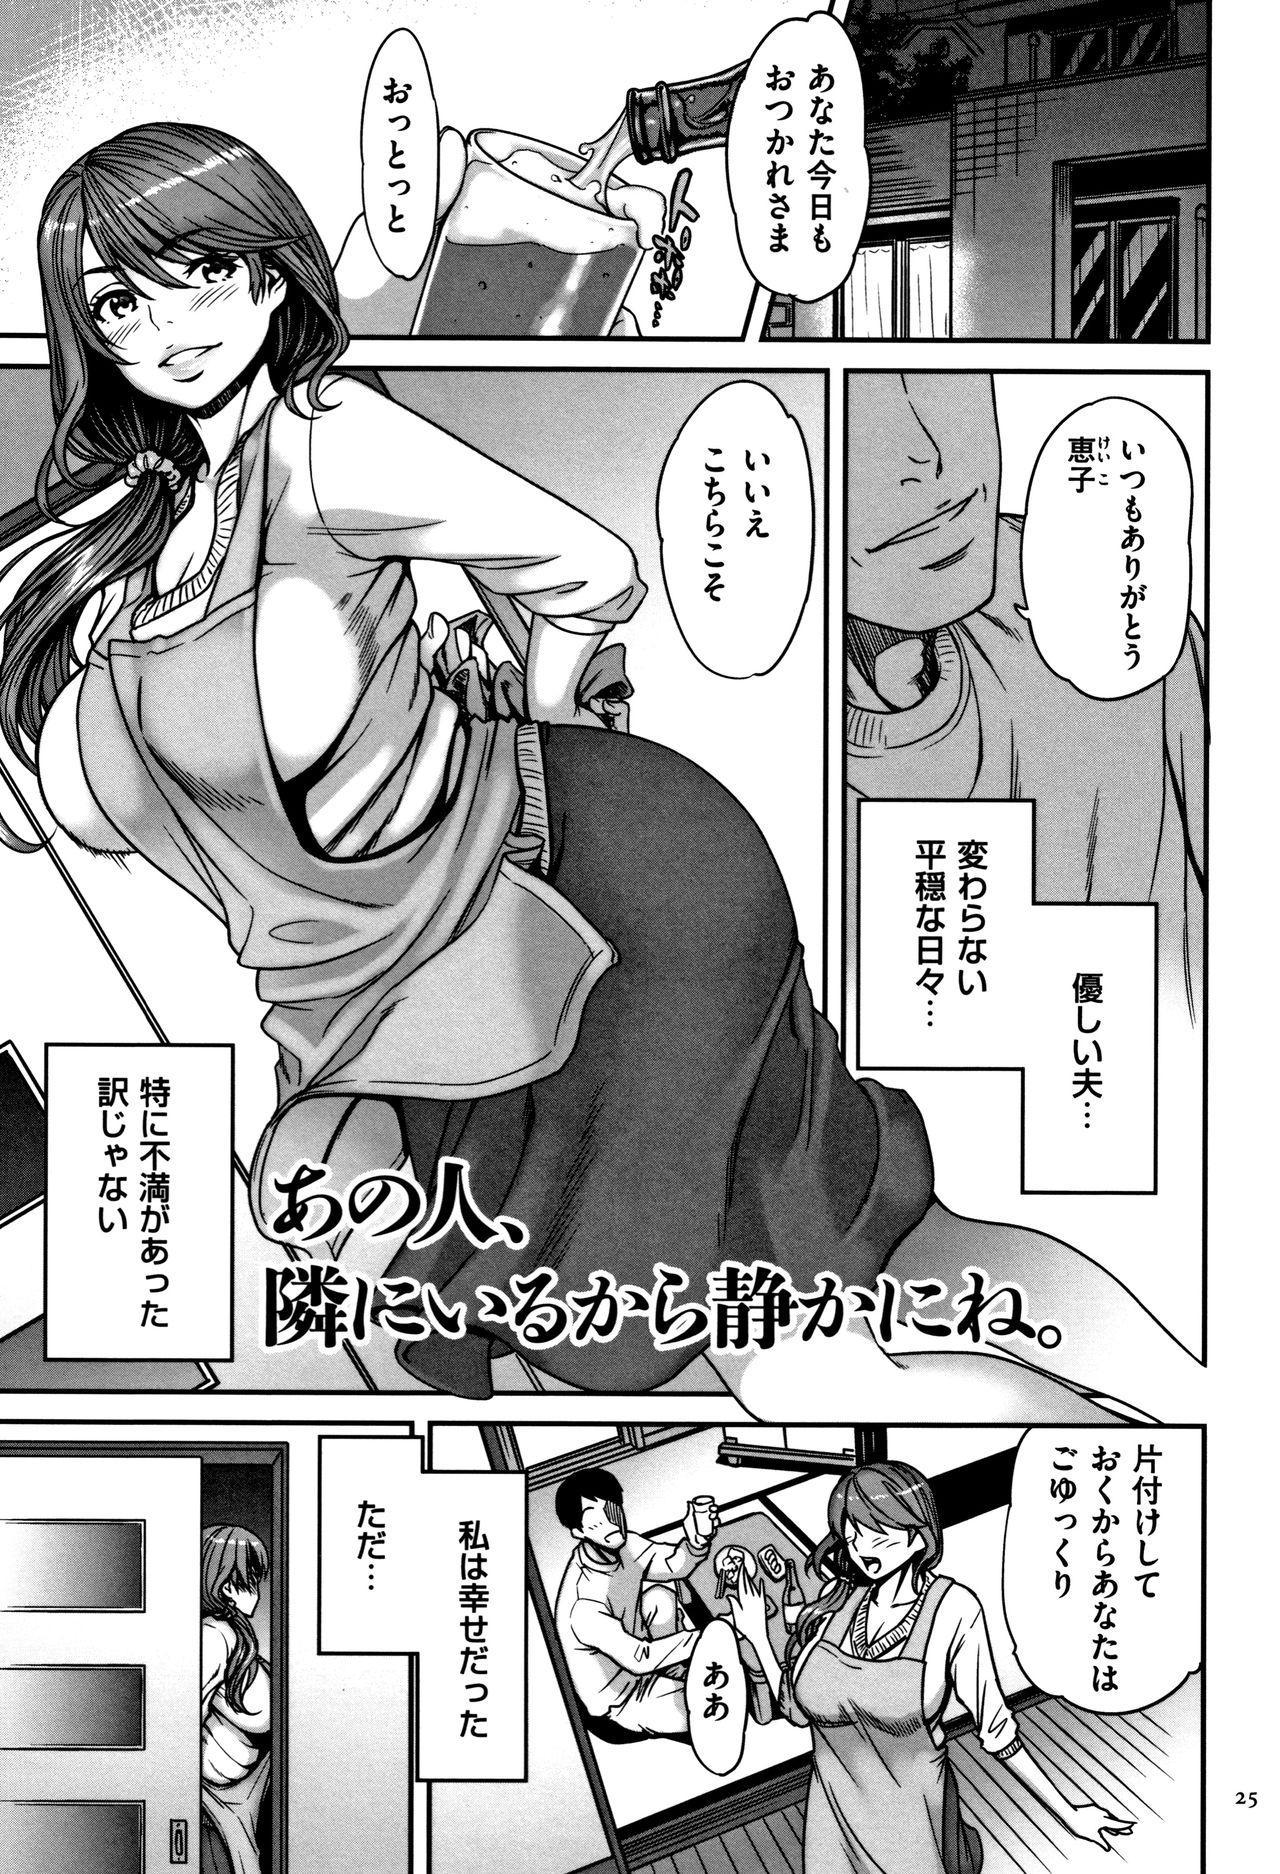 Tsumaiki - Tsuma no Ikigao ga Mitakute.... 25